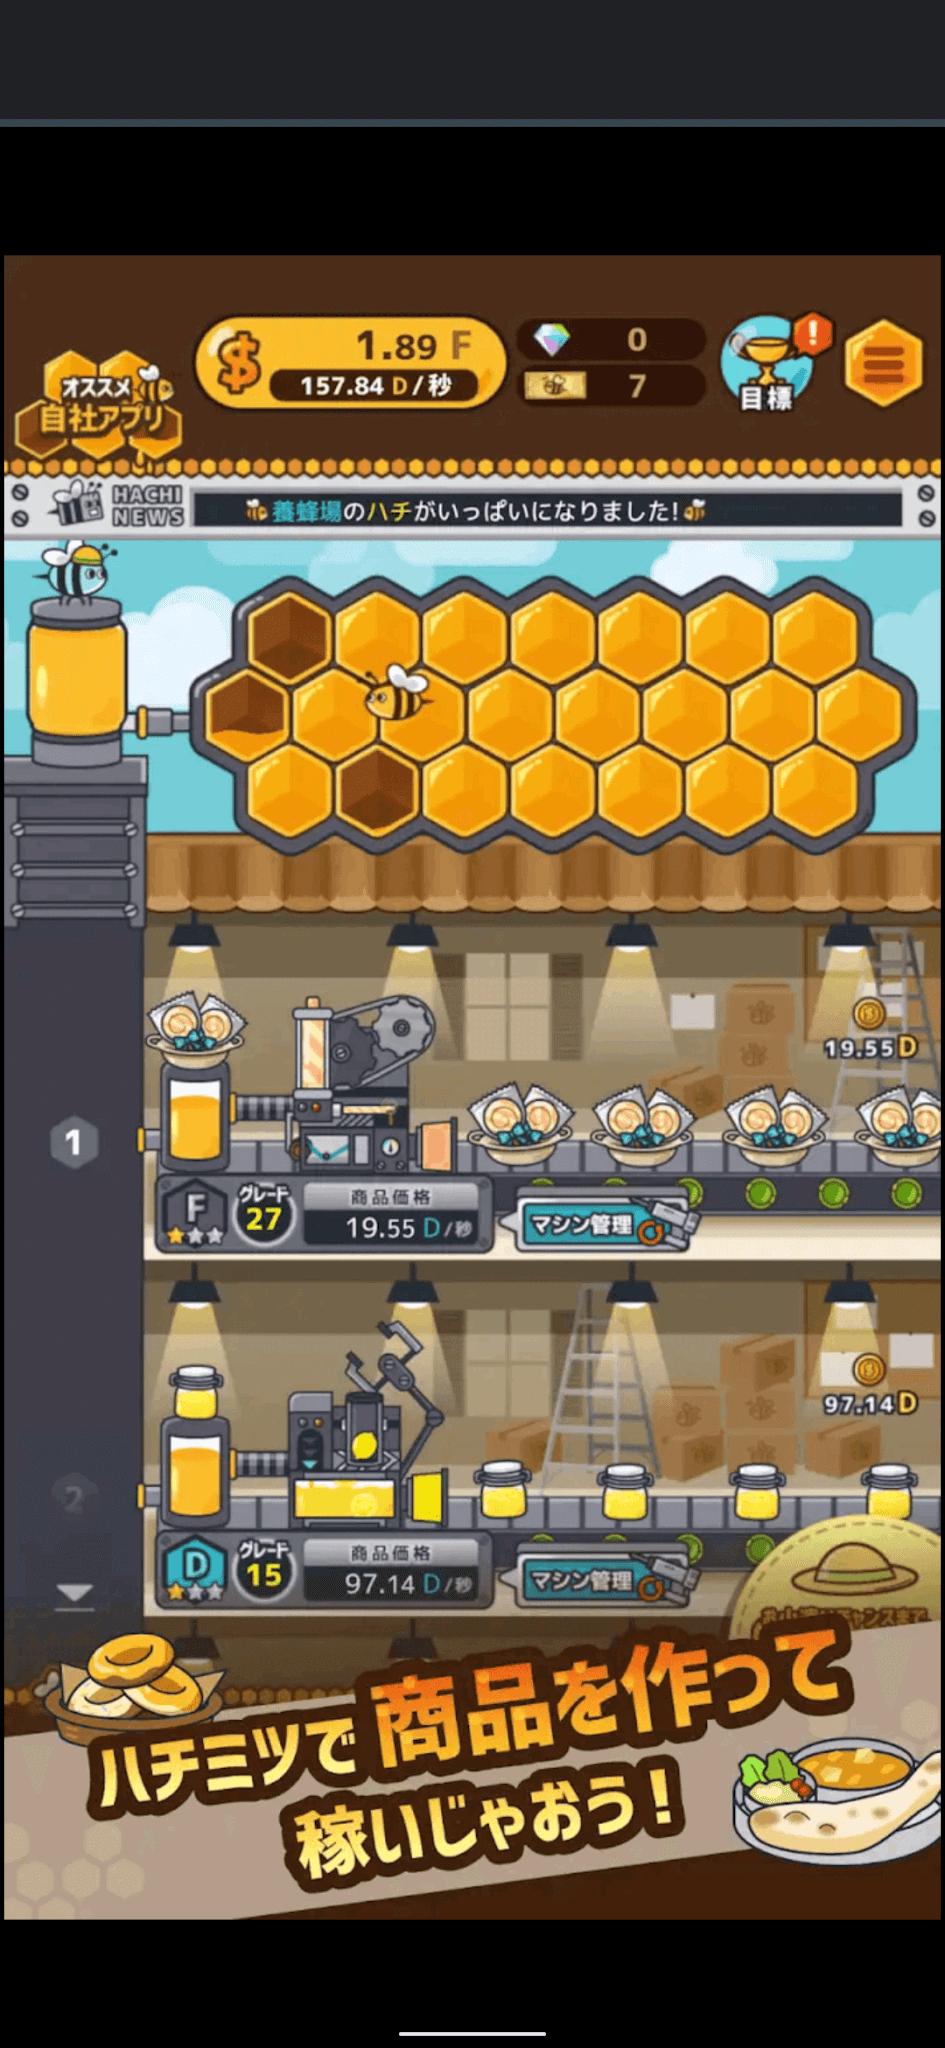 ハチミツで商品を作って稼いじゃおう!